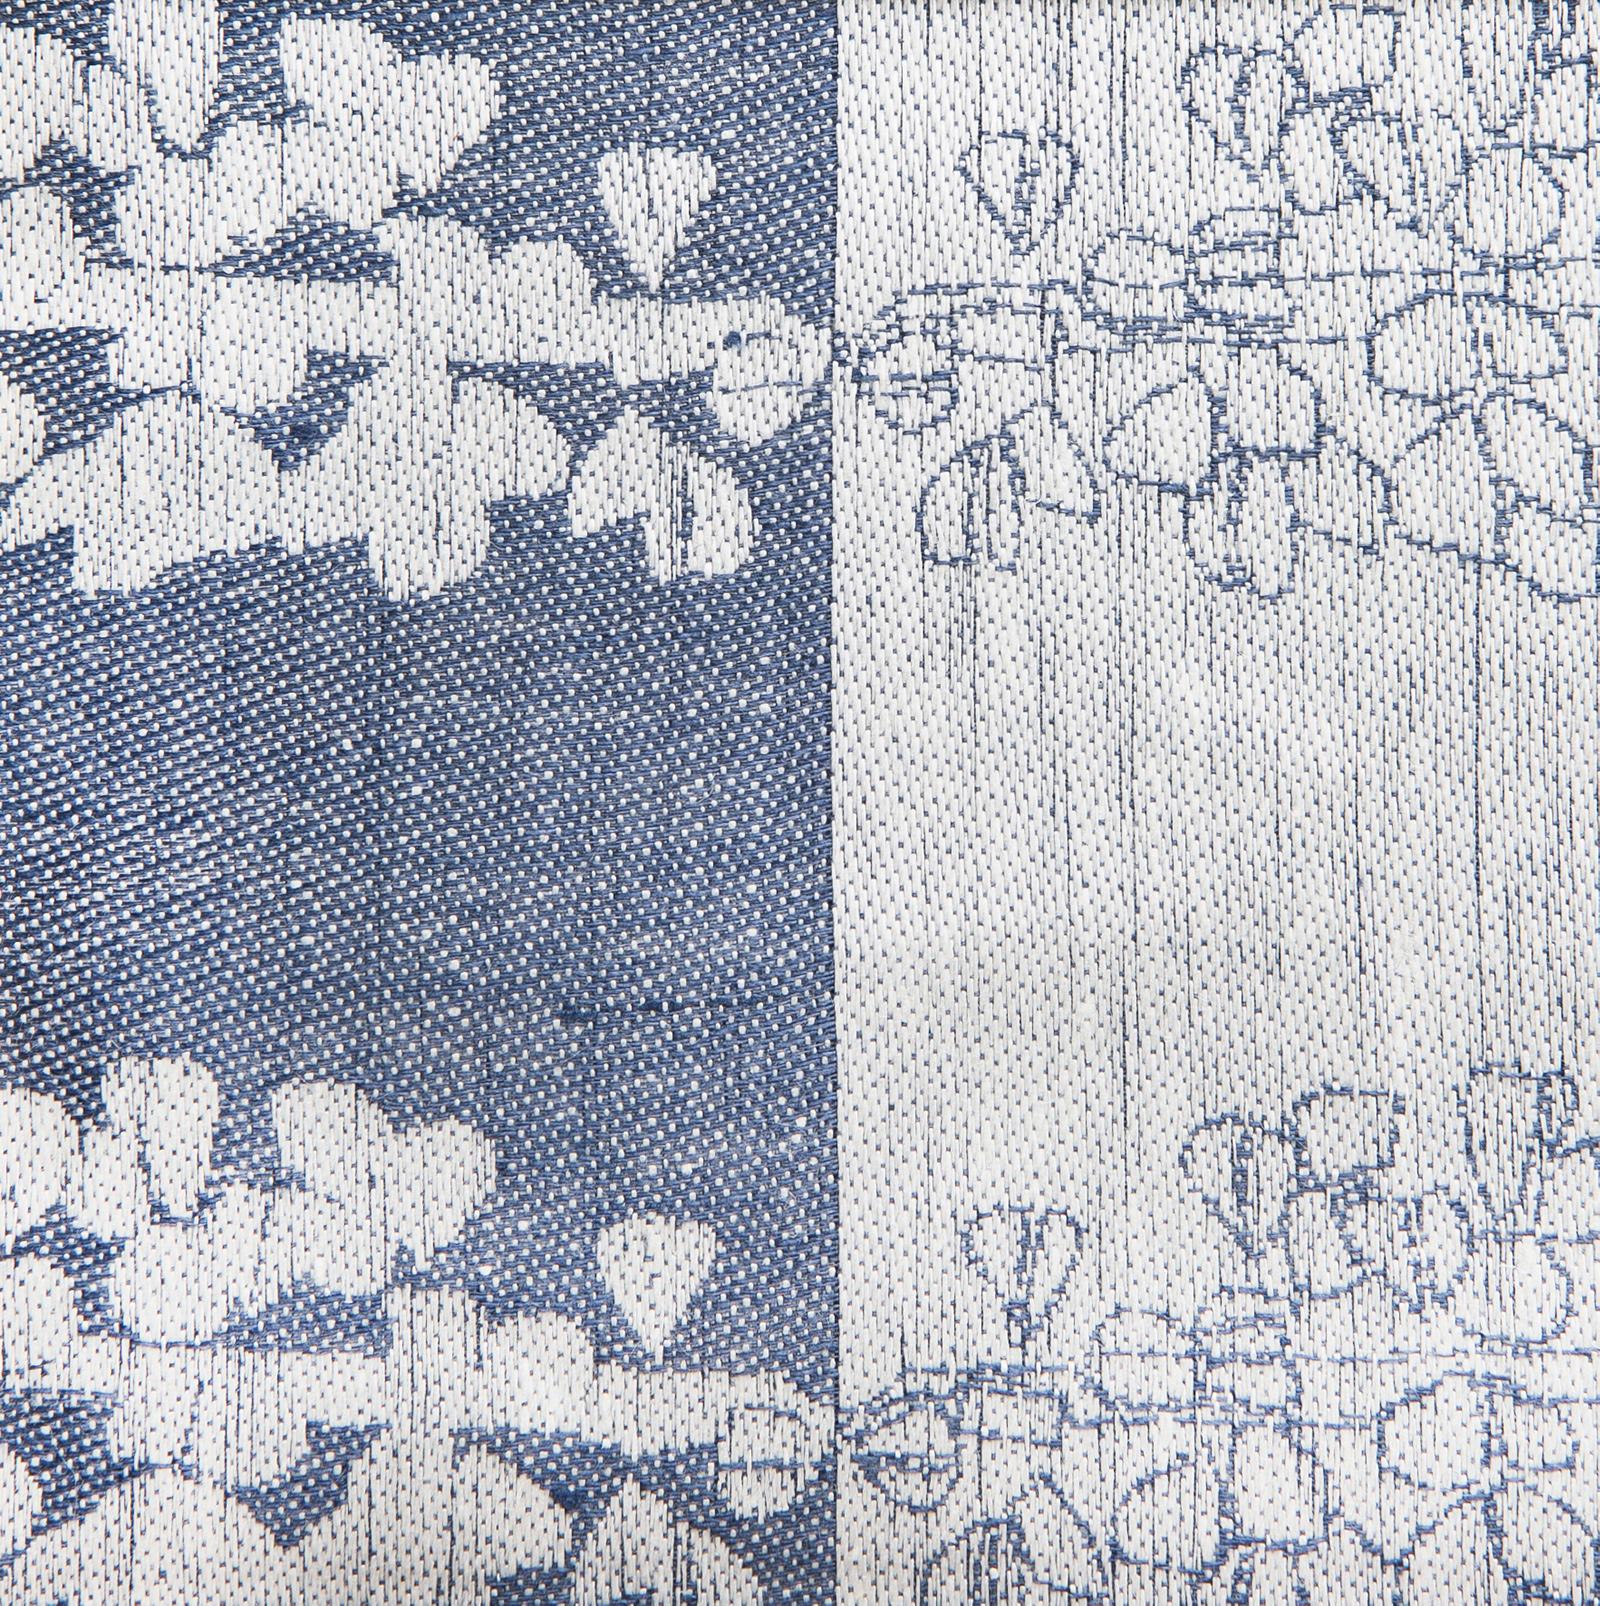 Lupin Sjumila hellinne handduk Klässbols Linneväveri Hanna Bredberg jeansblå|jeansbla